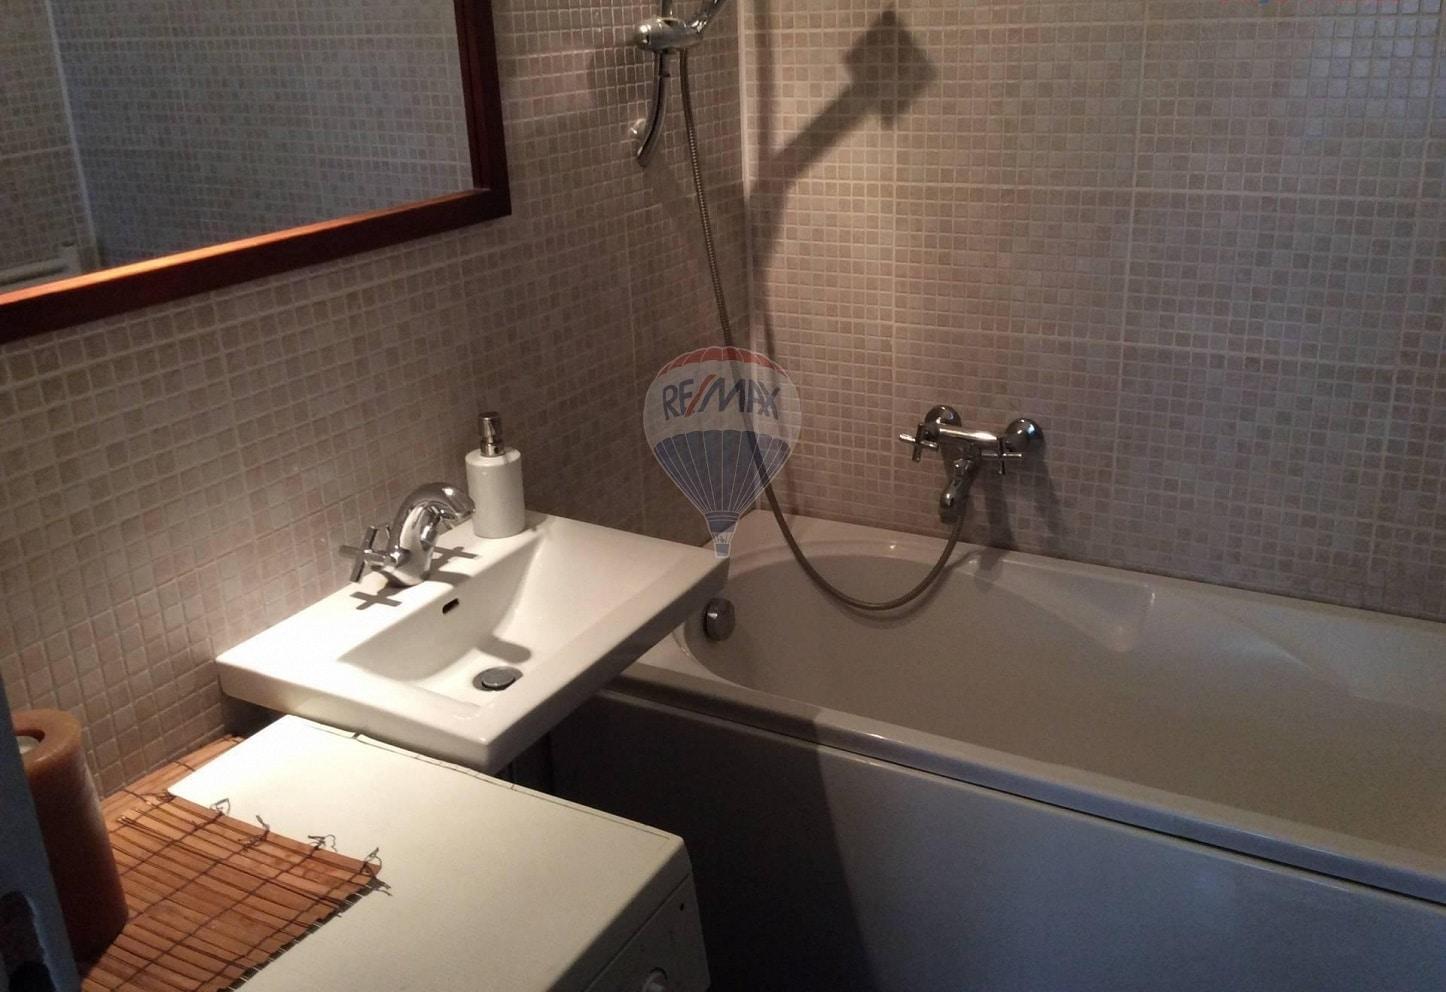 דירת 3 חדרים למכירה בפראג 1 על 78 מר (4)